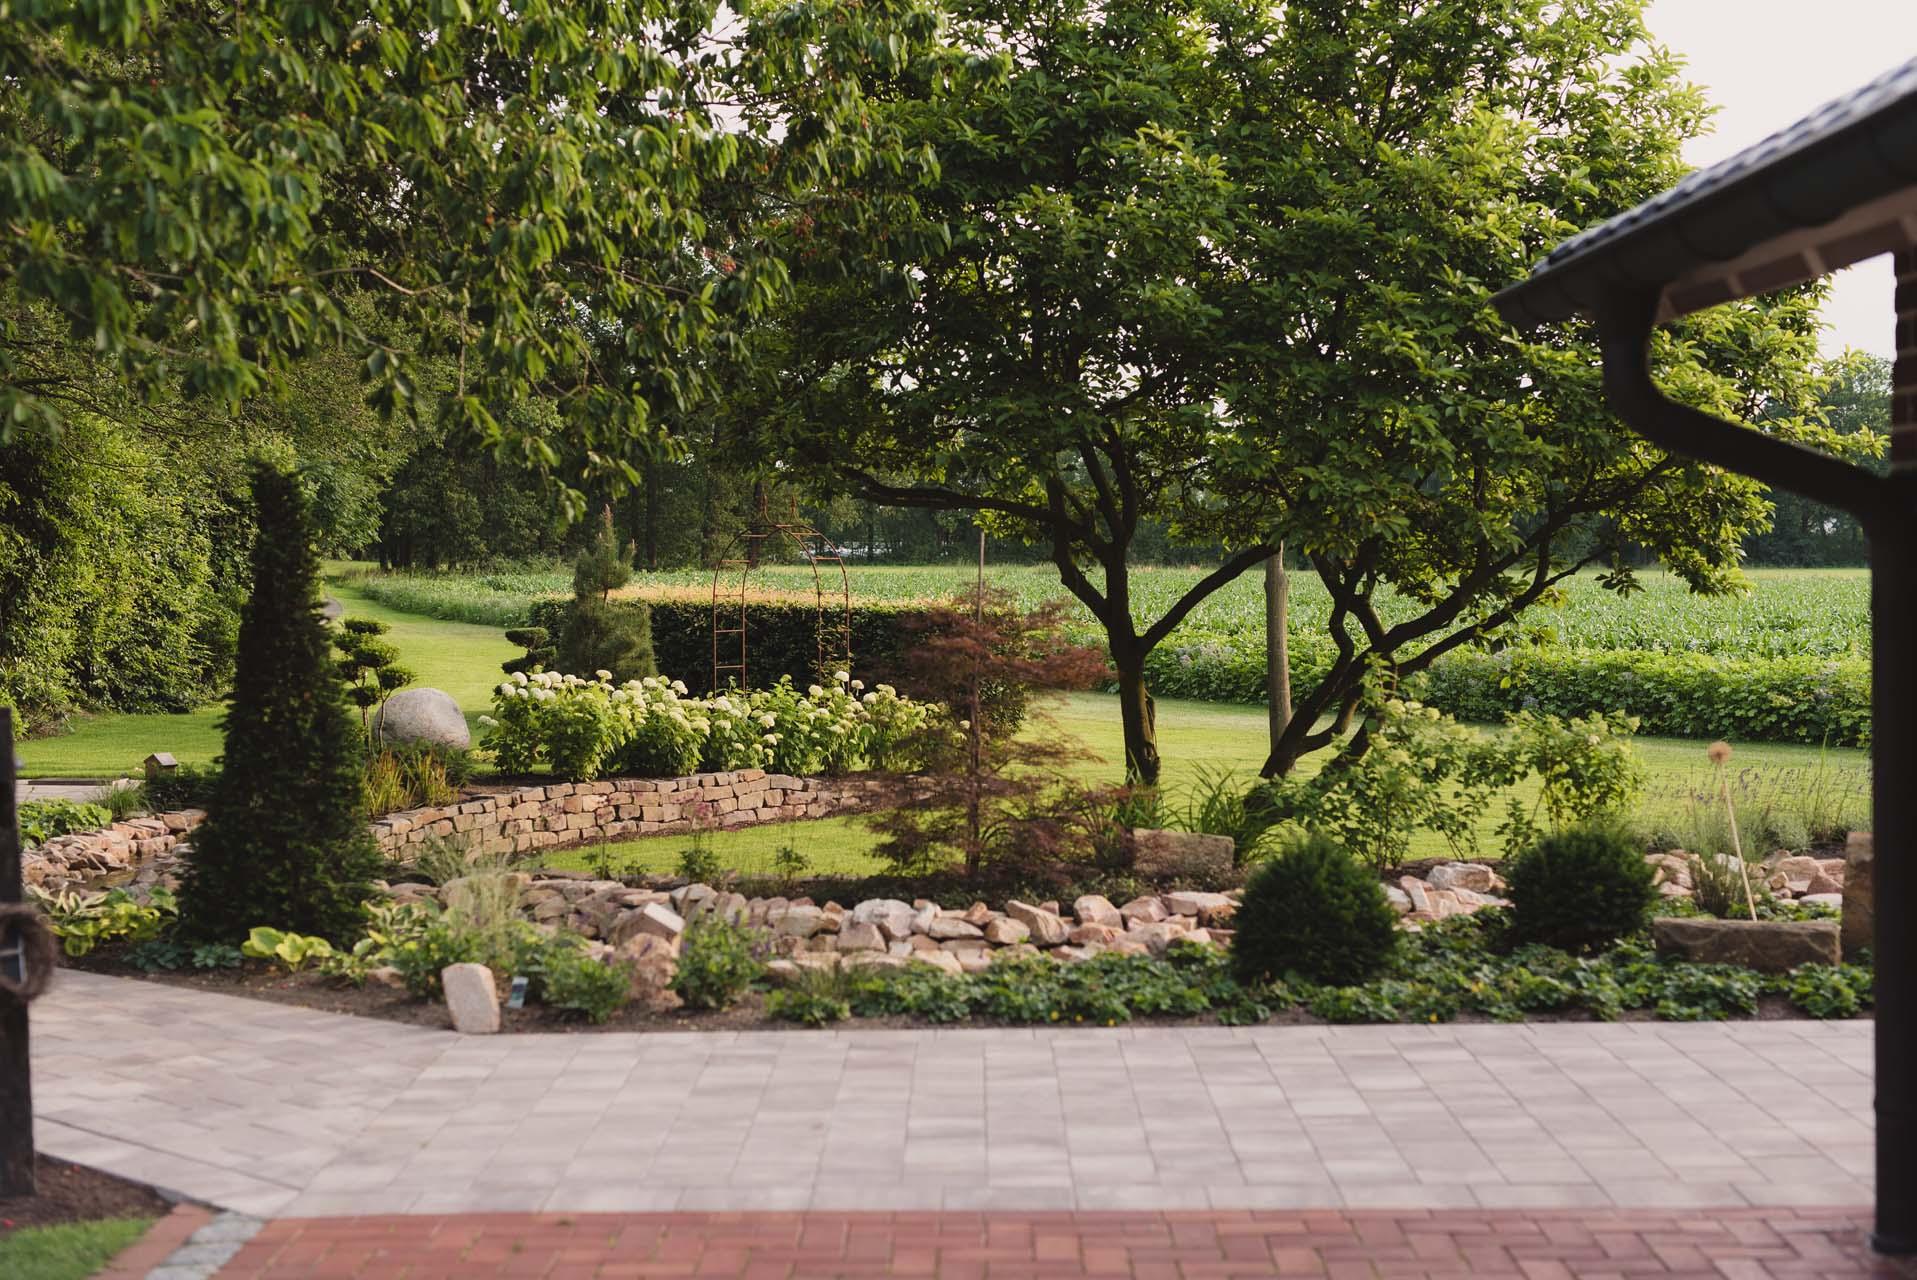 Gartengestaltung_Bild_8